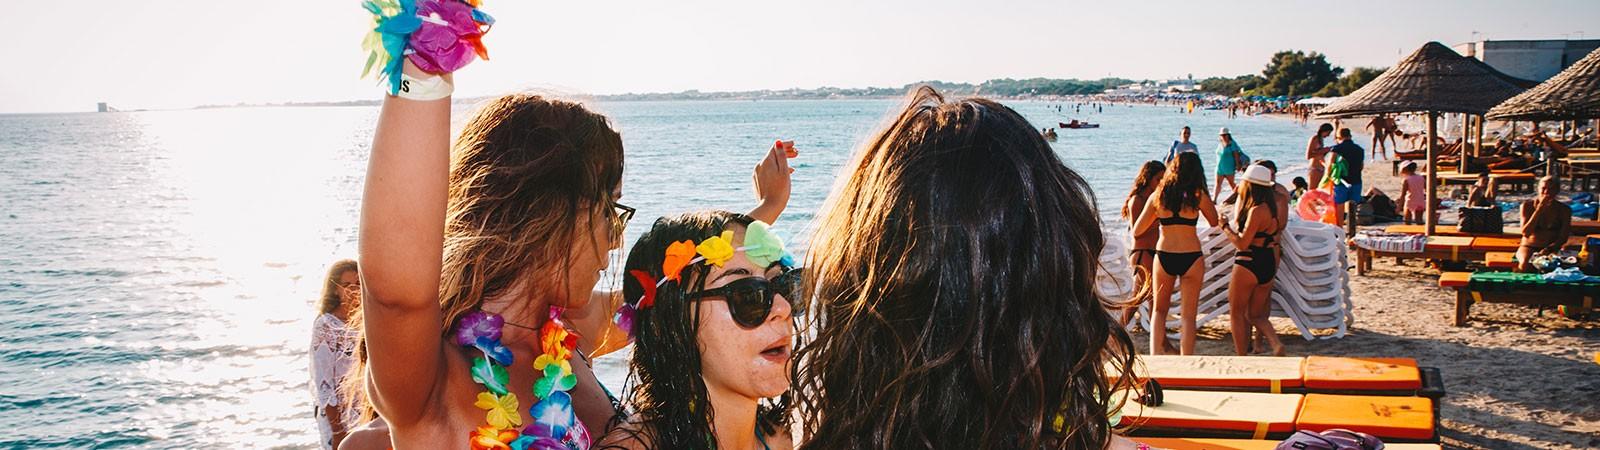 hawaiian Party - Viaggio Evento Salento